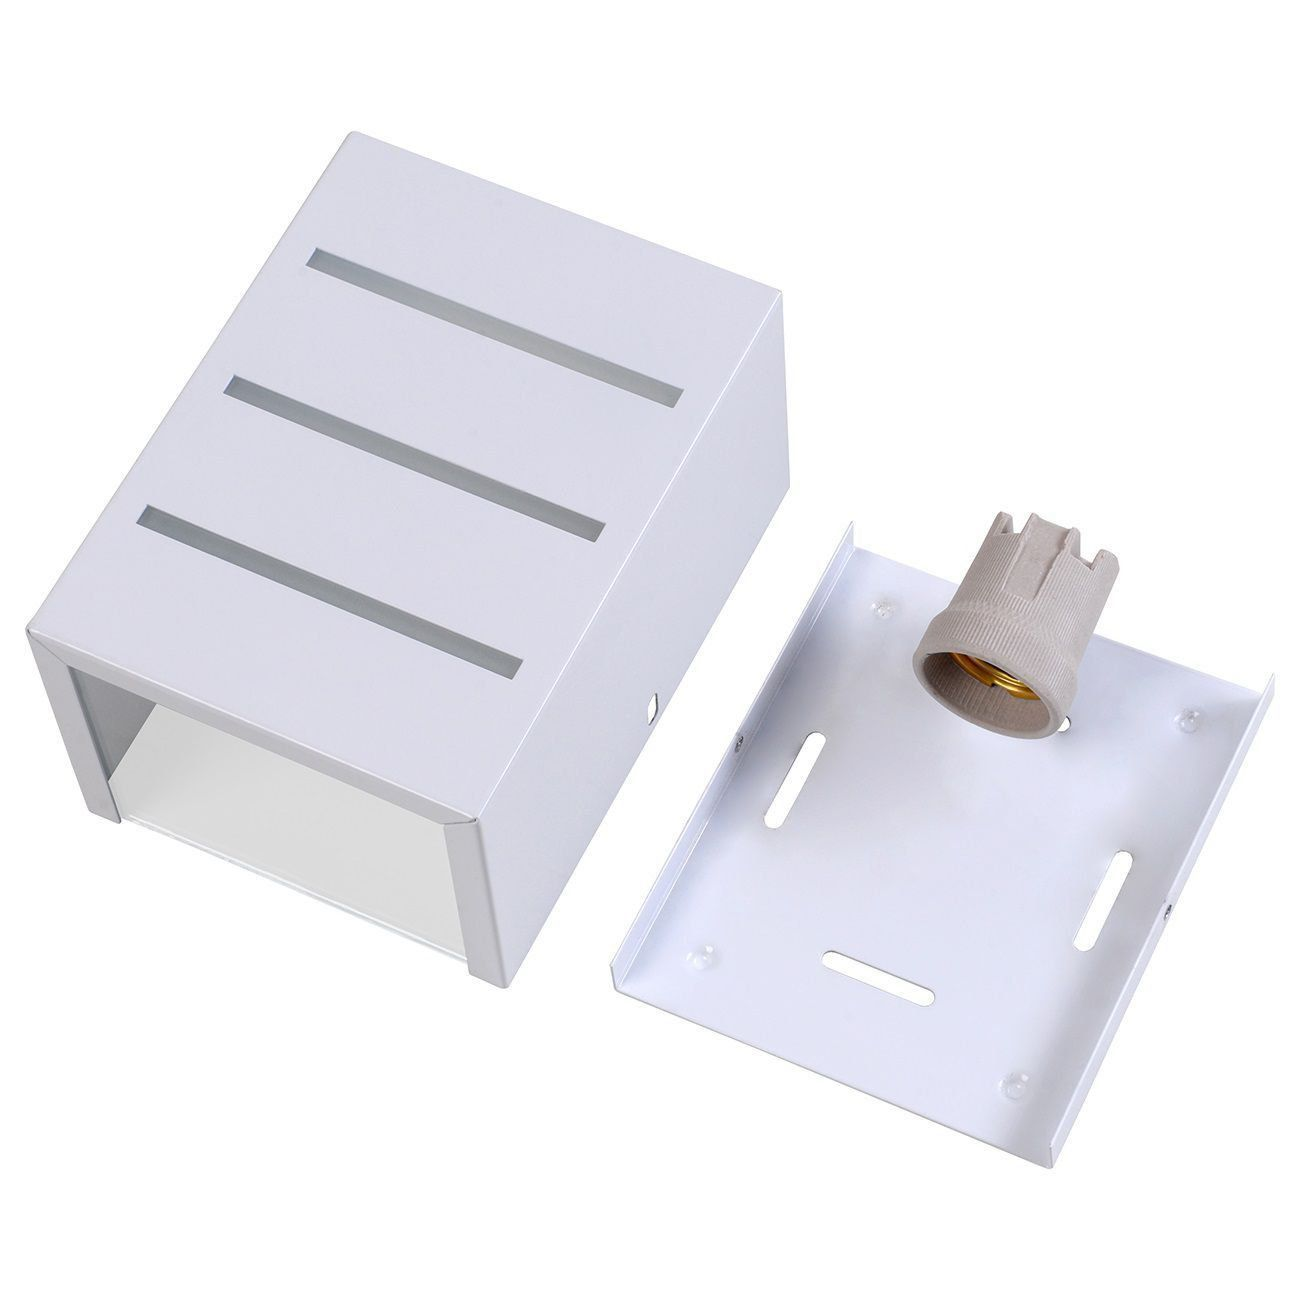 Arandela Friso Frisada Luminária Externa Interna Muro Parede Alumínio Branco - Rei da Iluminação